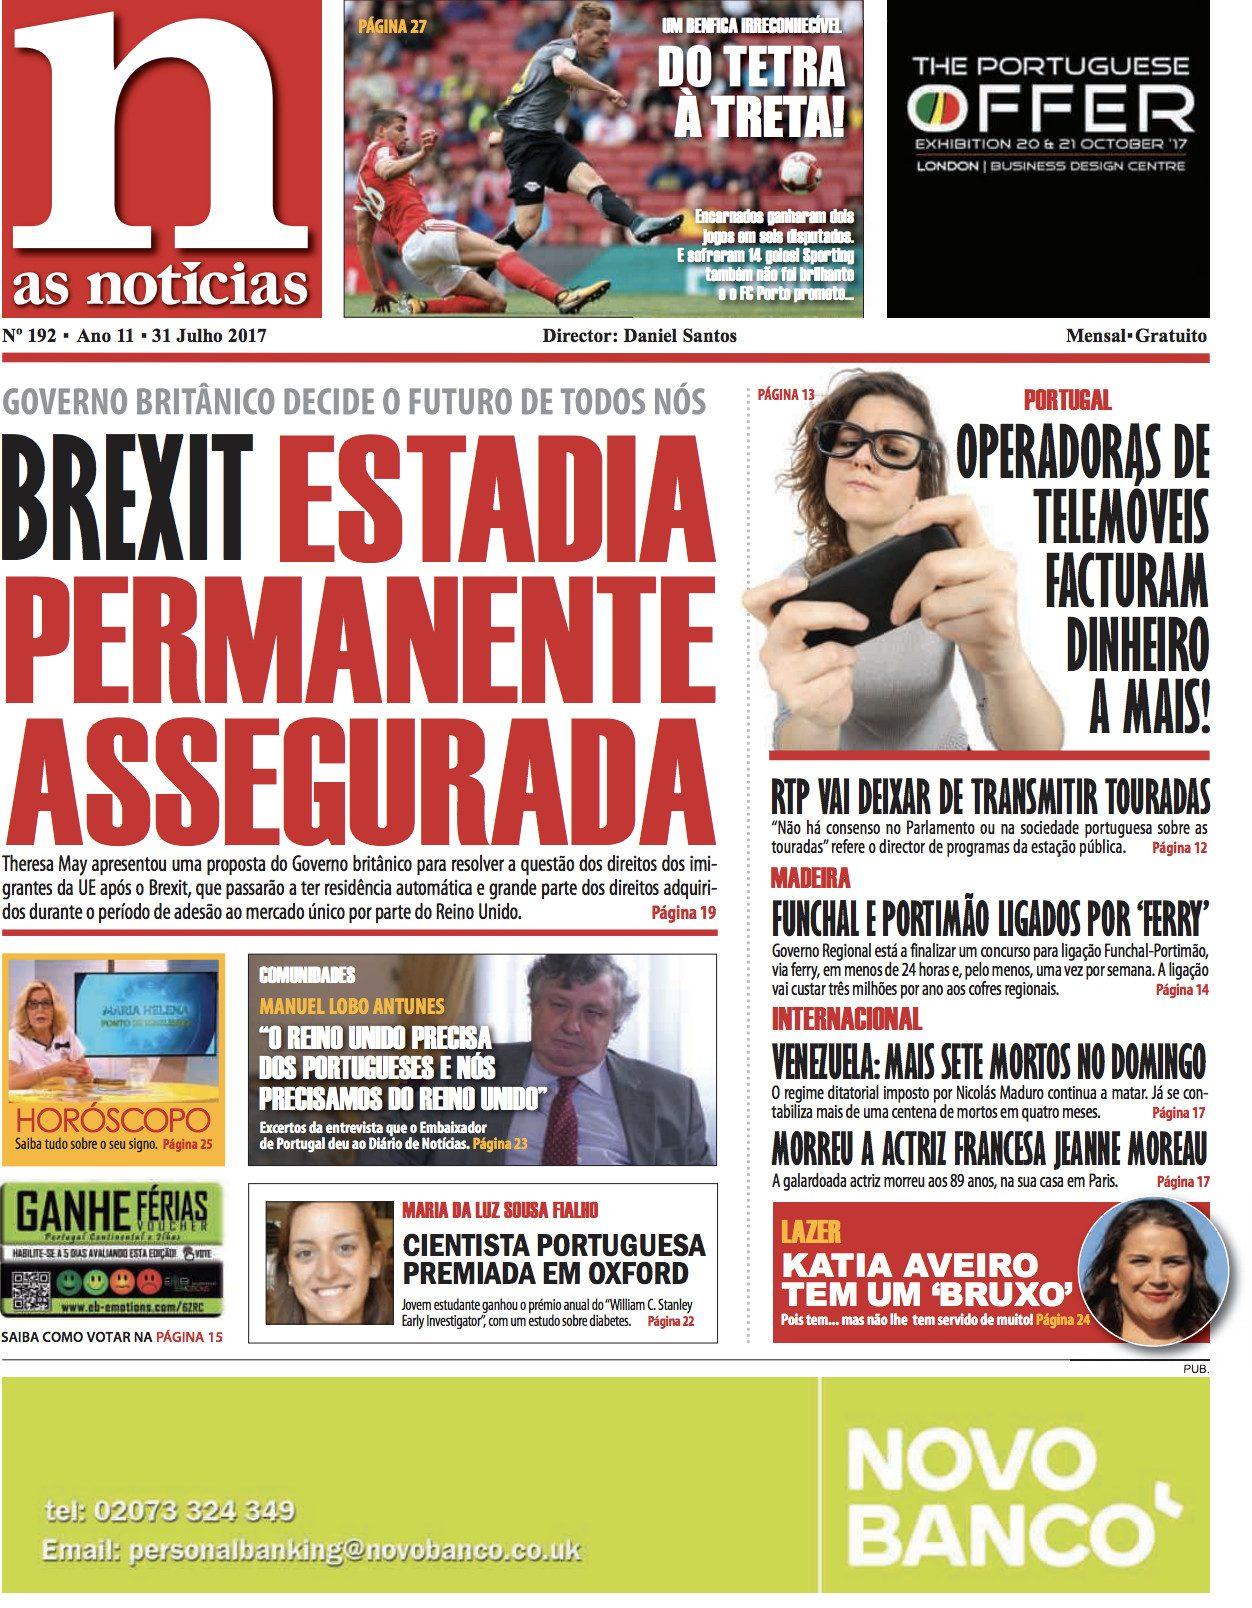 Edição 192 do jornal As Notícias